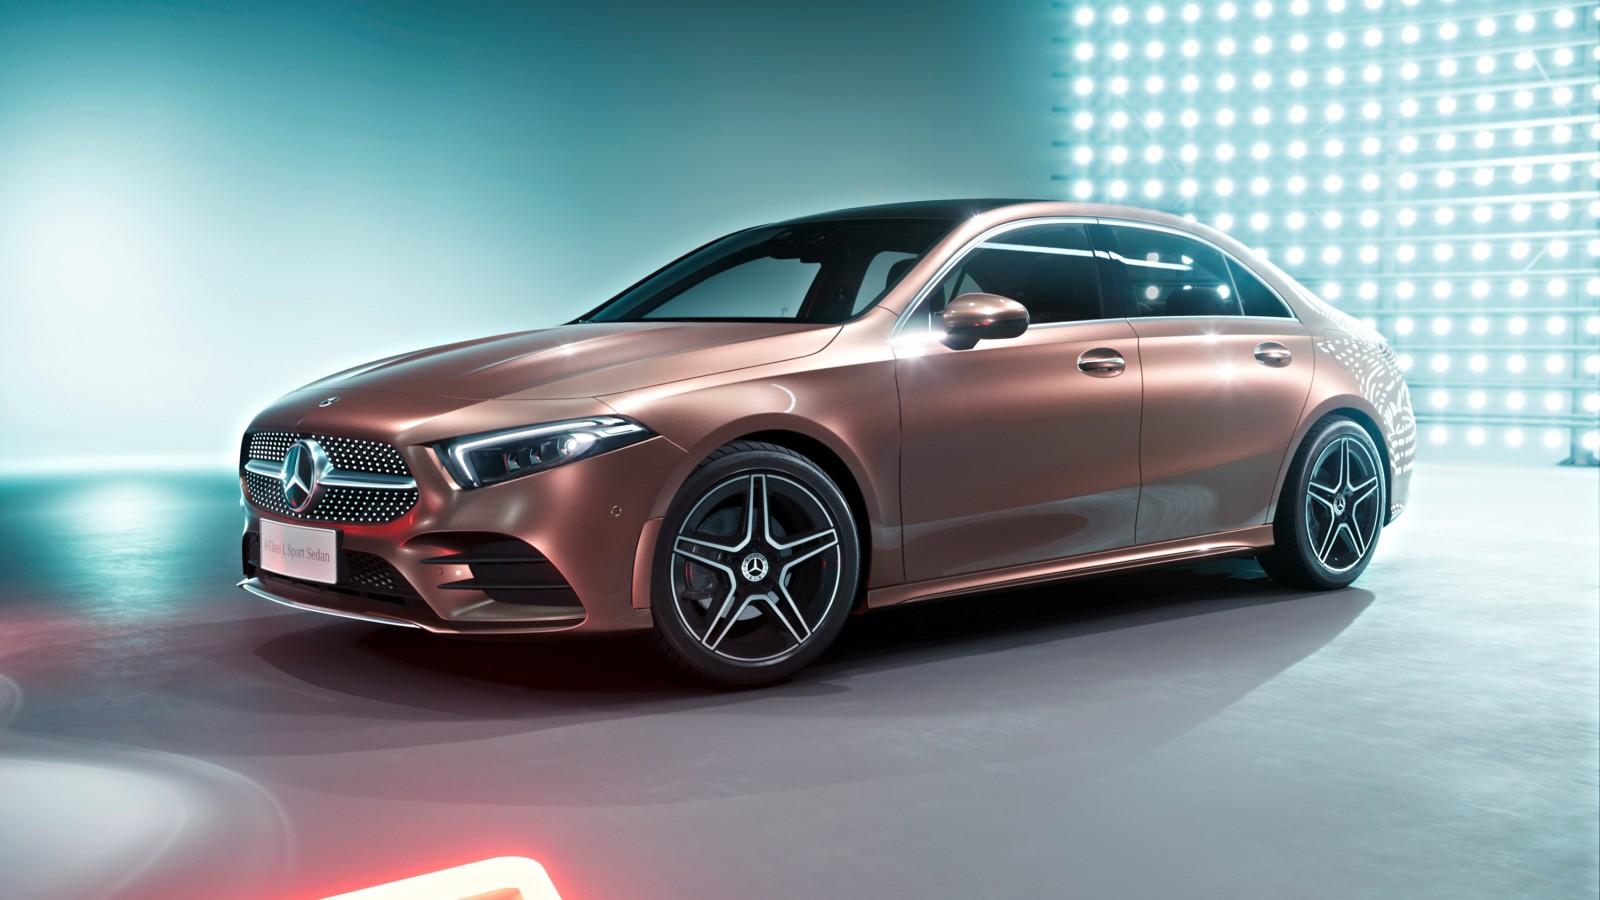 2019 mercedes benz a200 l sport sedan 4k 4 wallpaper hd for Mercedes benz 4 x 4